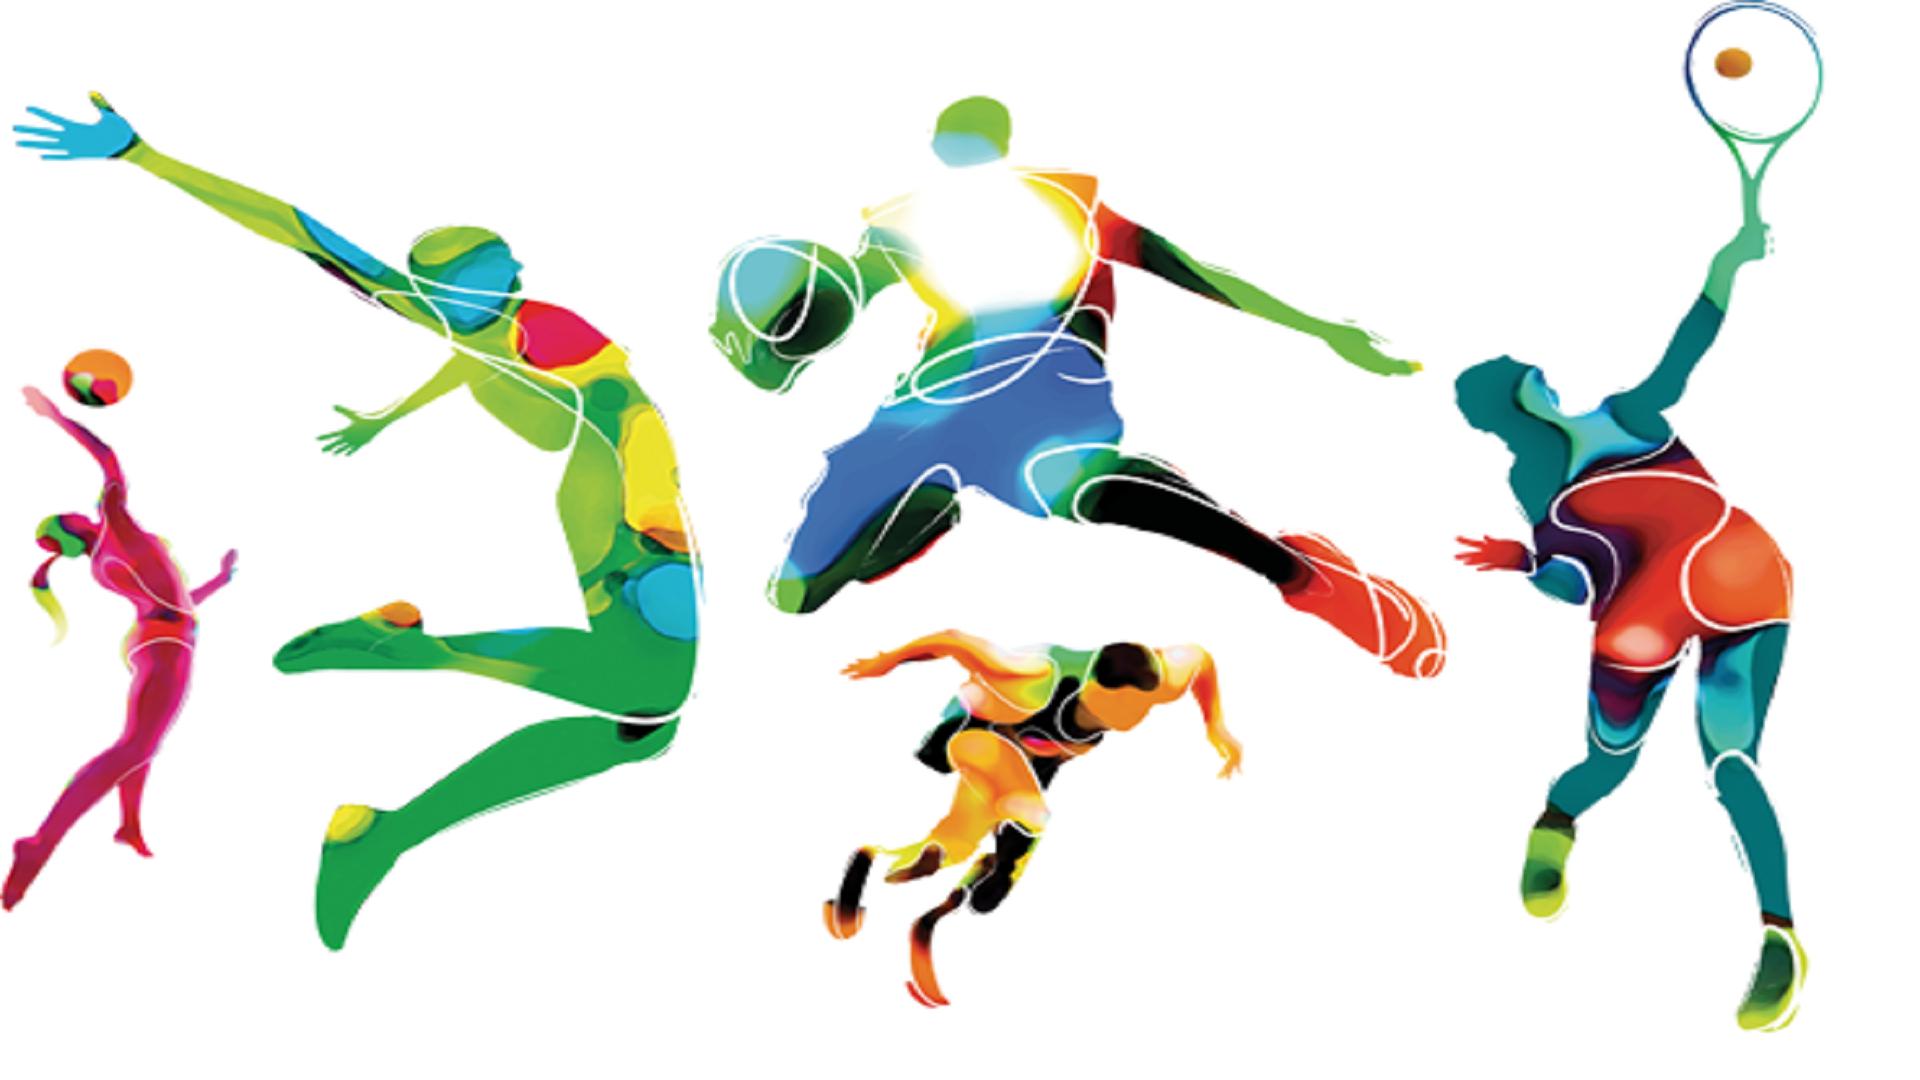 руслан картинки на прозрачном фоне все для спорта попадание